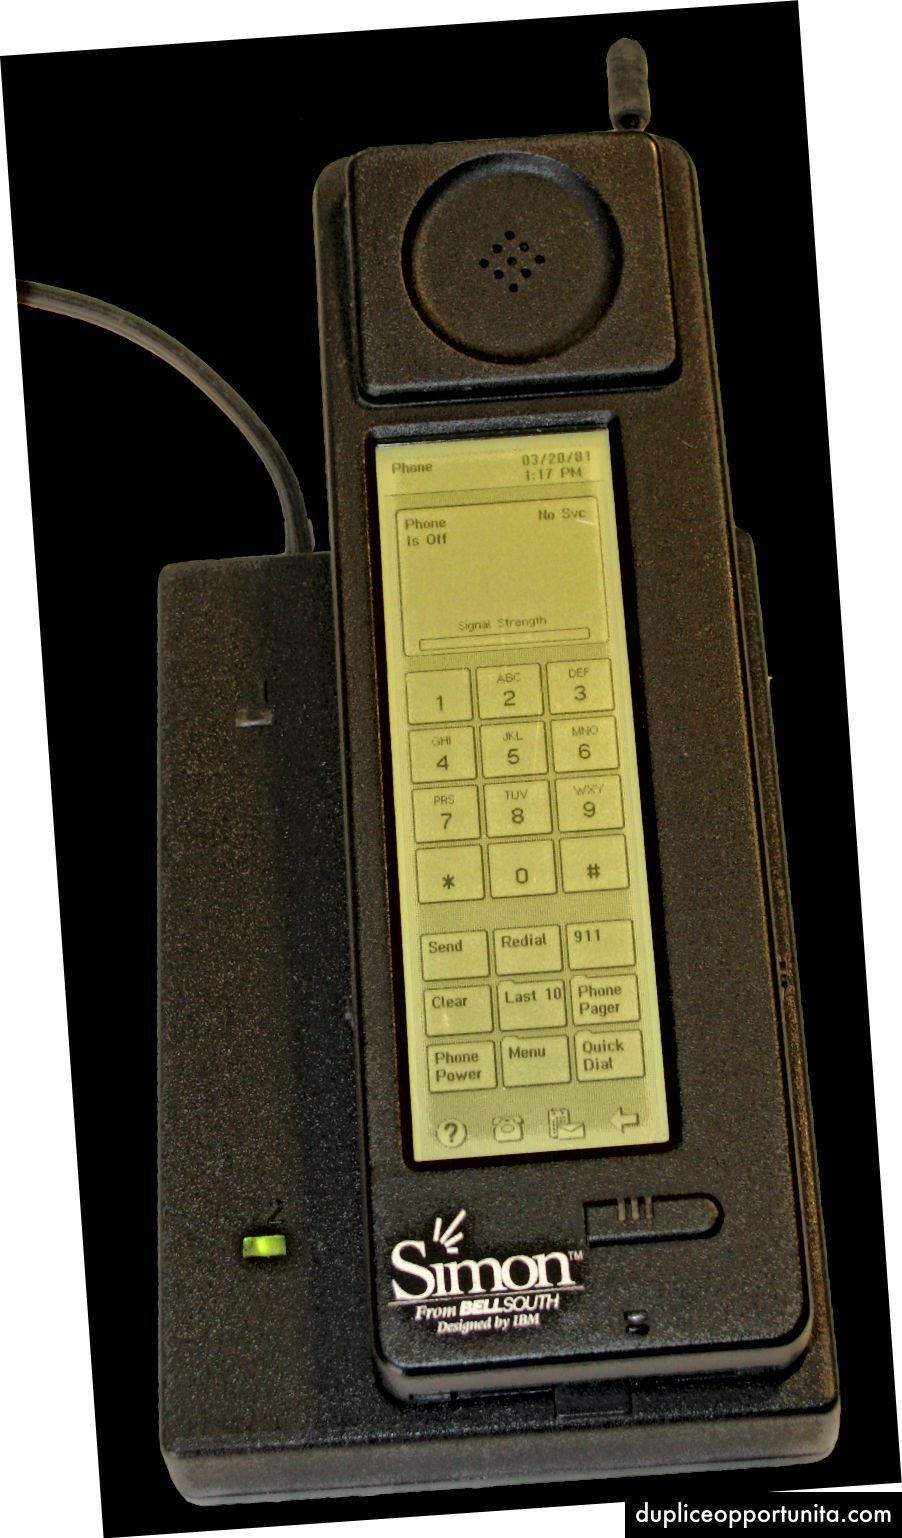 """IBM Simon, ensimmäinen """"älypuhelin"""" (Kuvahyvitys: Wikipedia Commons)"""